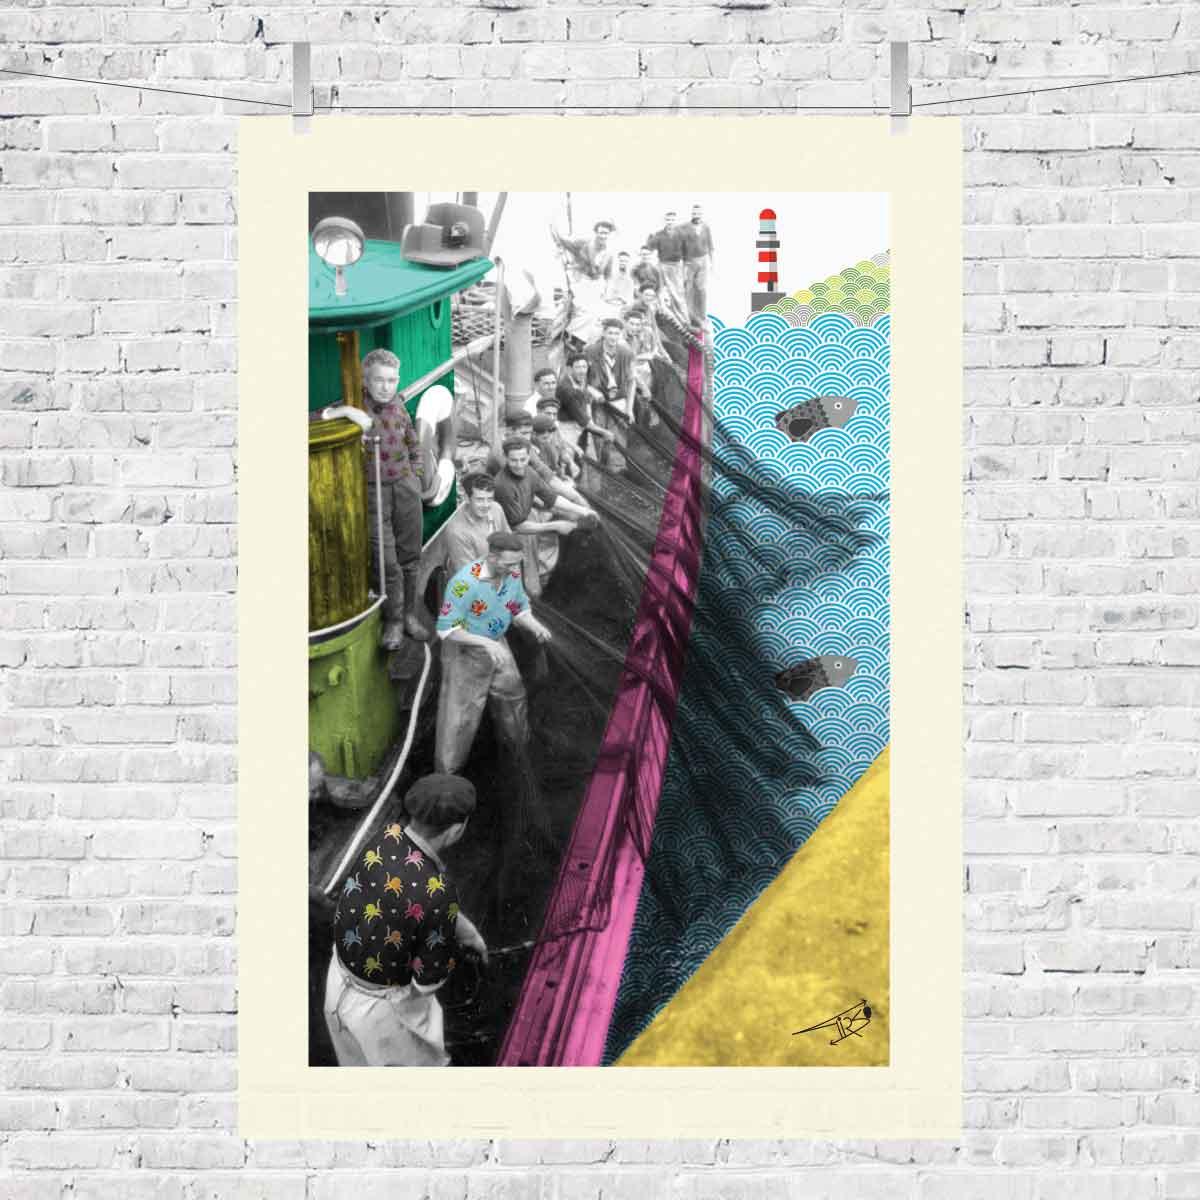 mariñeiros_marineros_baiona_erizana_bayprints_souvenir_shop_tienda_lamina_camiseta_marisco_pescado_souvenirs_baiona_souvenart_shop